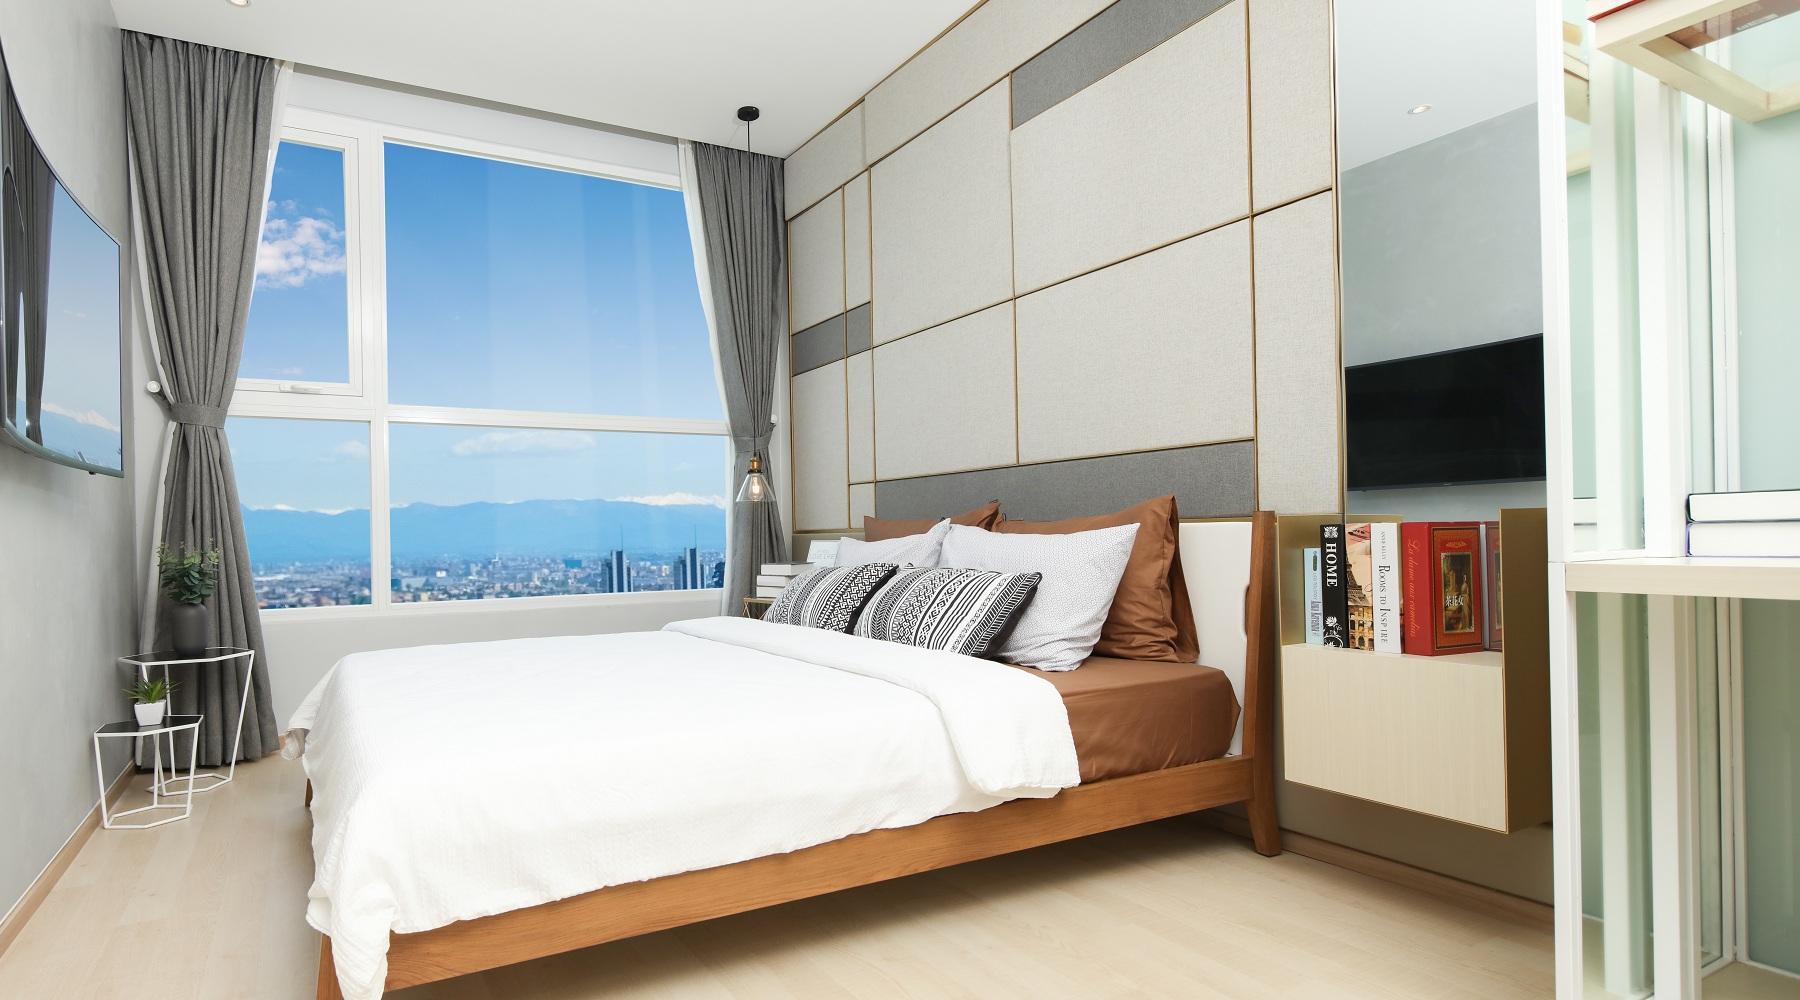 Có bao nhiêu loại hình căn hộ tại dự án Charmington iris?